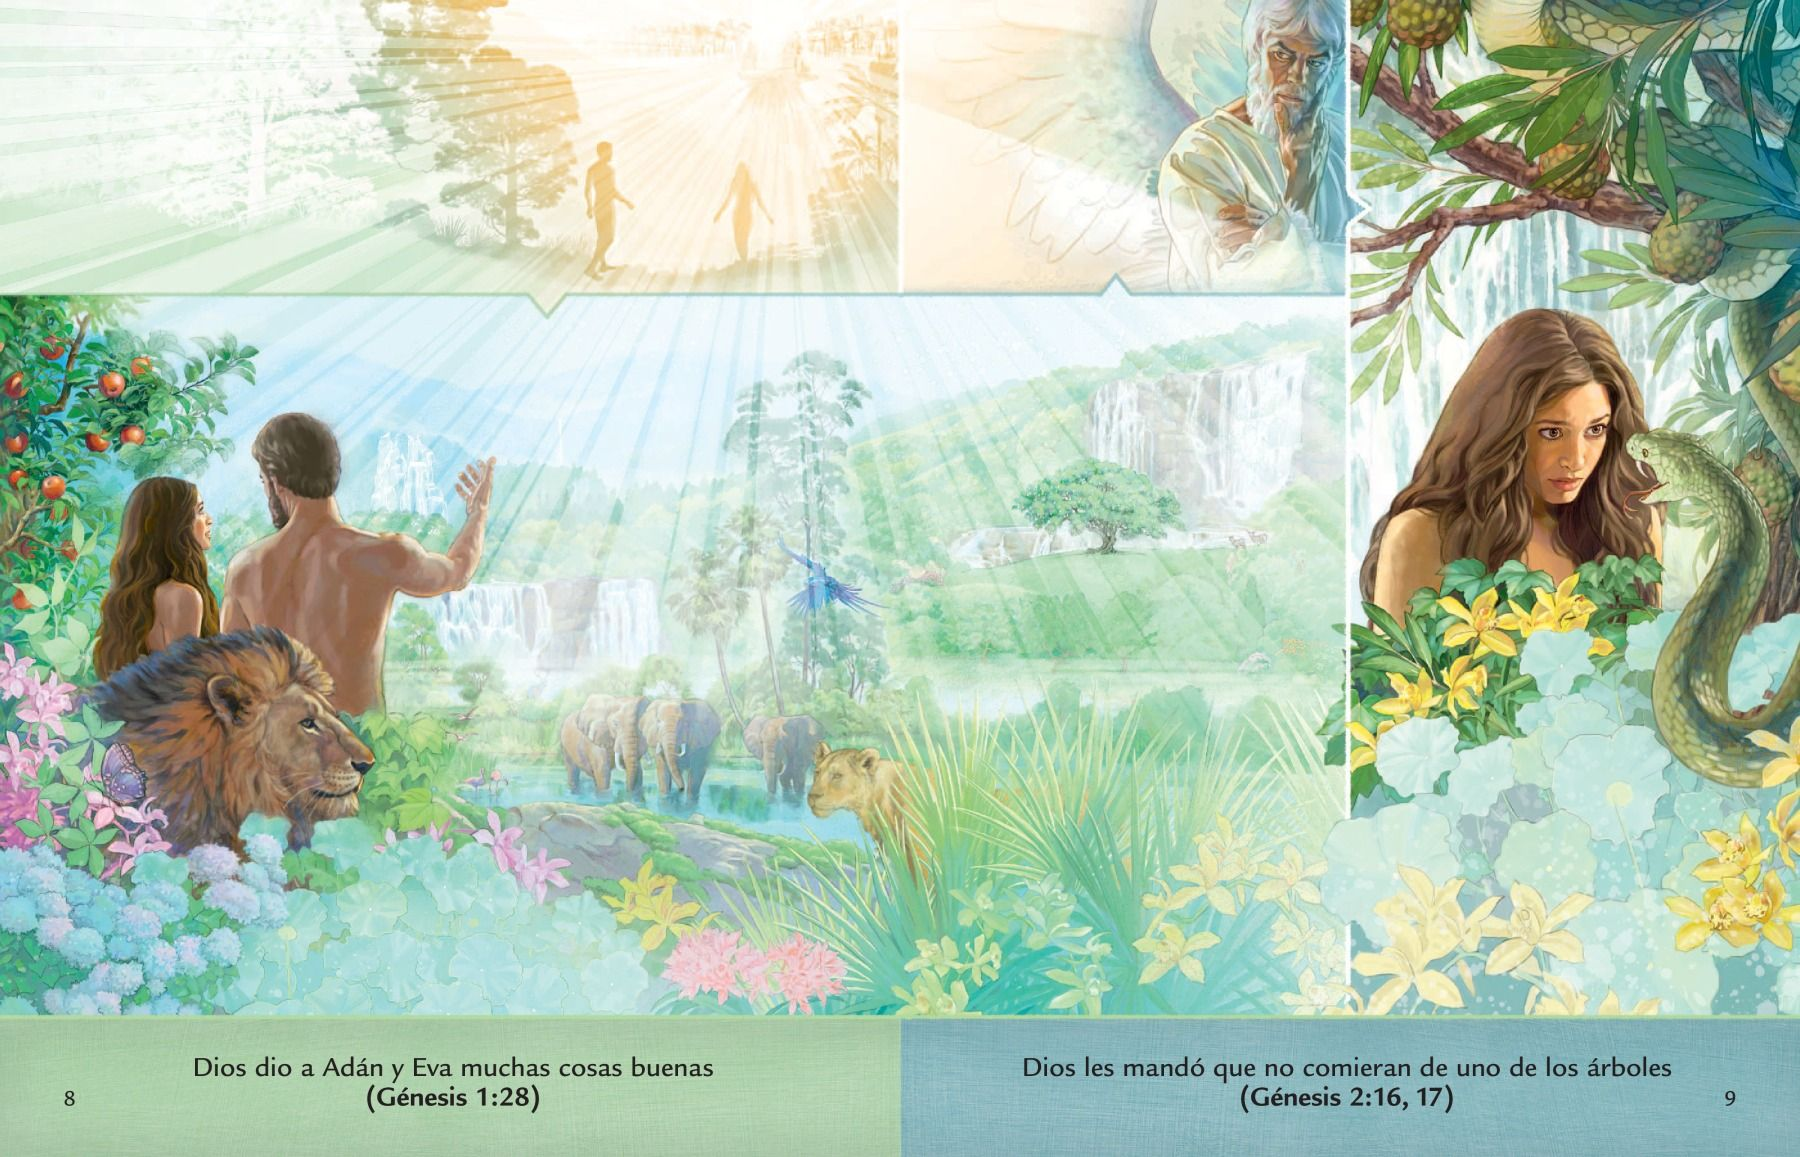 La Lección Del Folleto Escuche A Dios Sobre Adán Y Eva En El Jardín De Edén Adan Y Eva Folletos Ilustraciones